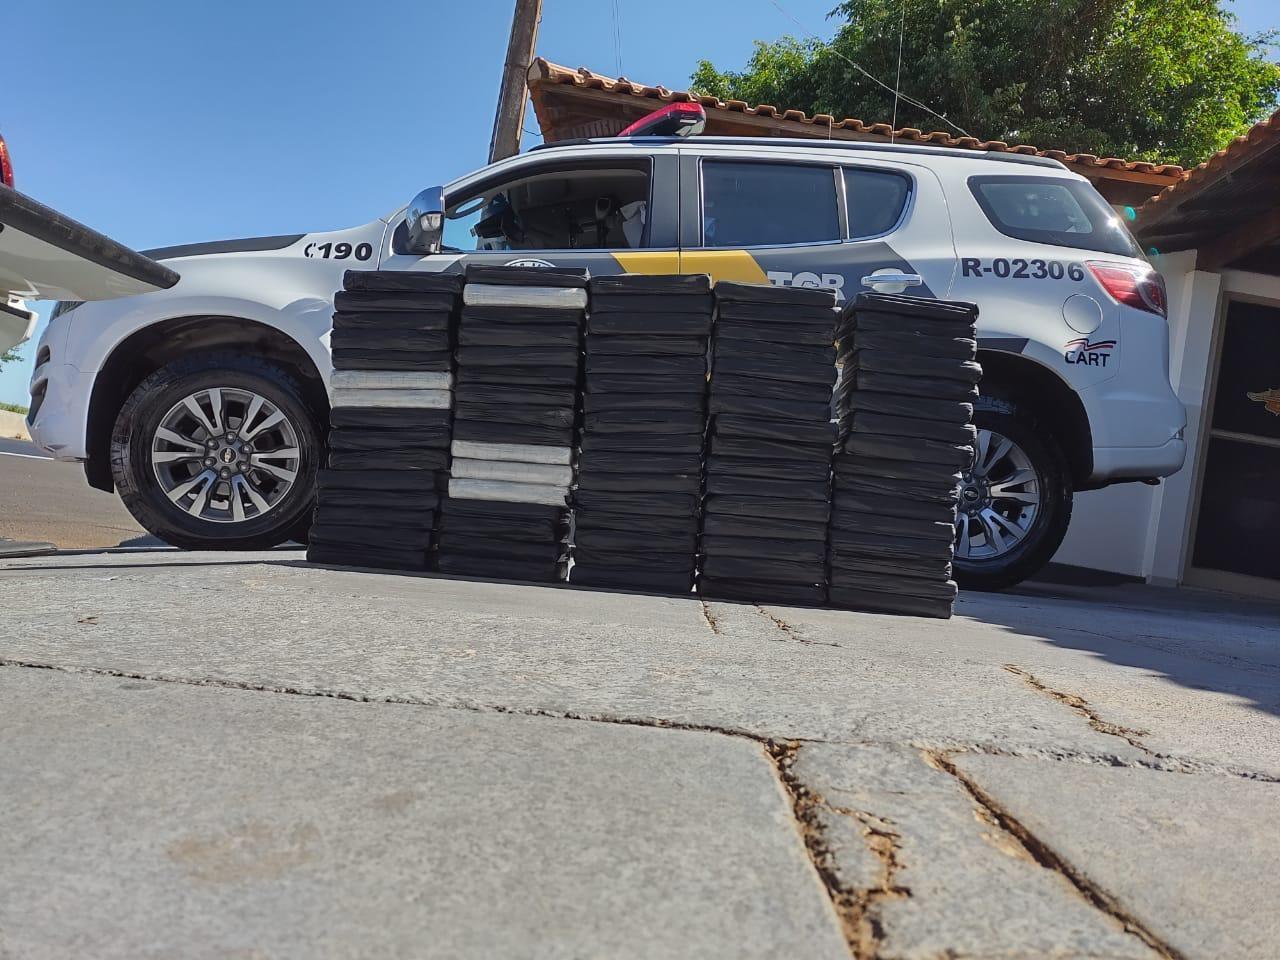 Polícia aborda motorista de caminhonete e apreende dezenas de tijolos de cocaína em Ourinhos